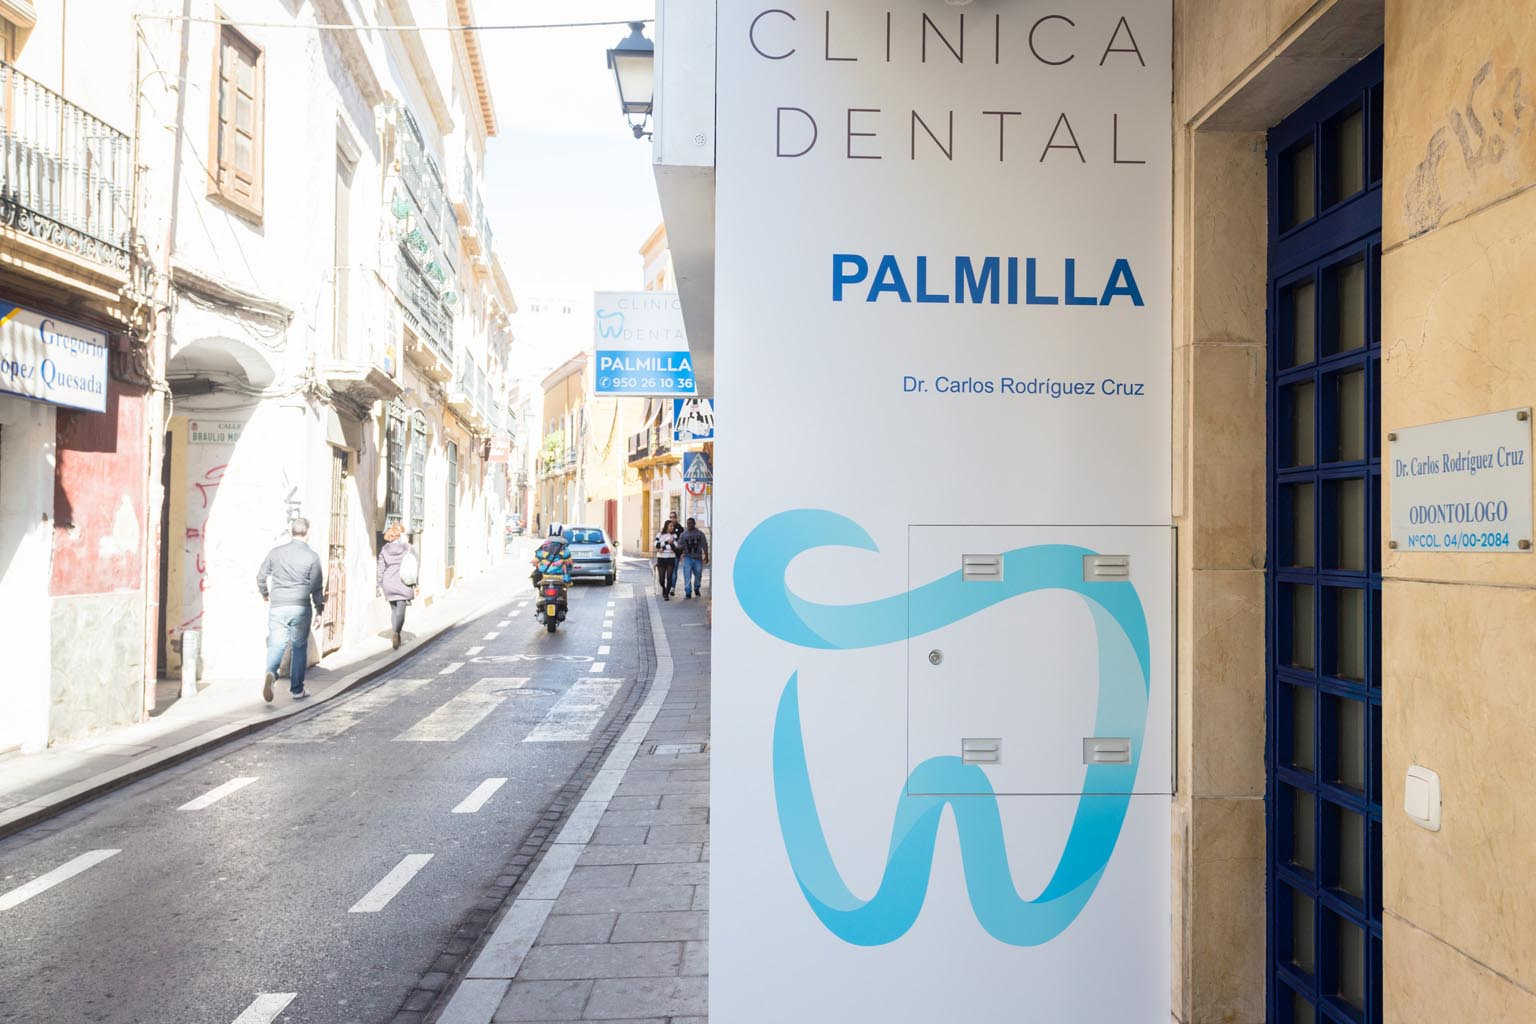 Clínica dental en Almería - Clínica Dental Palmilla - calle Real centro de Almería